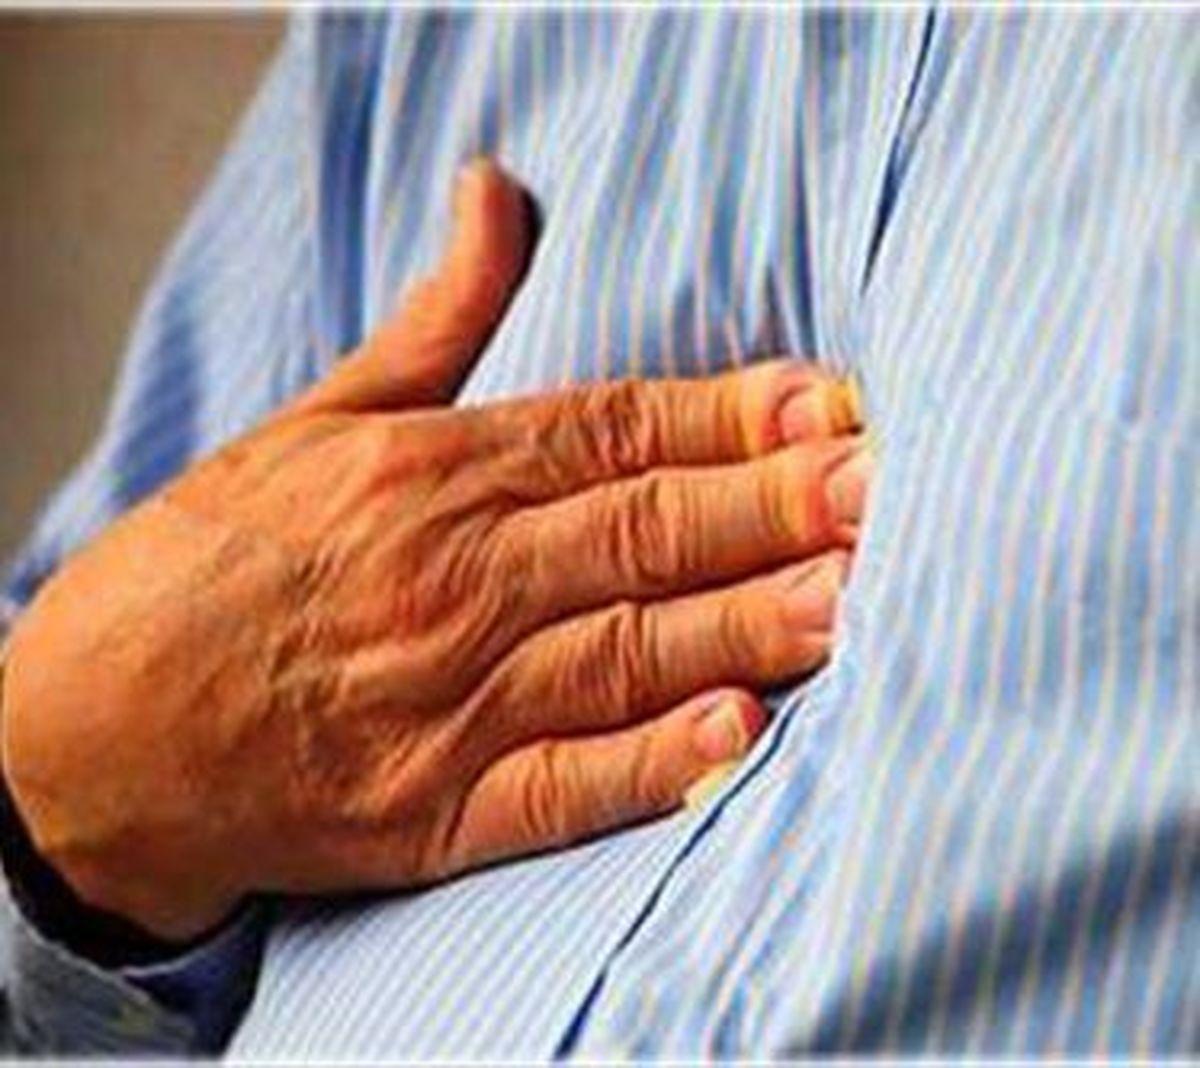 ریفلاکس معده ریسک برخی سرطان ها را افزایش می دهد